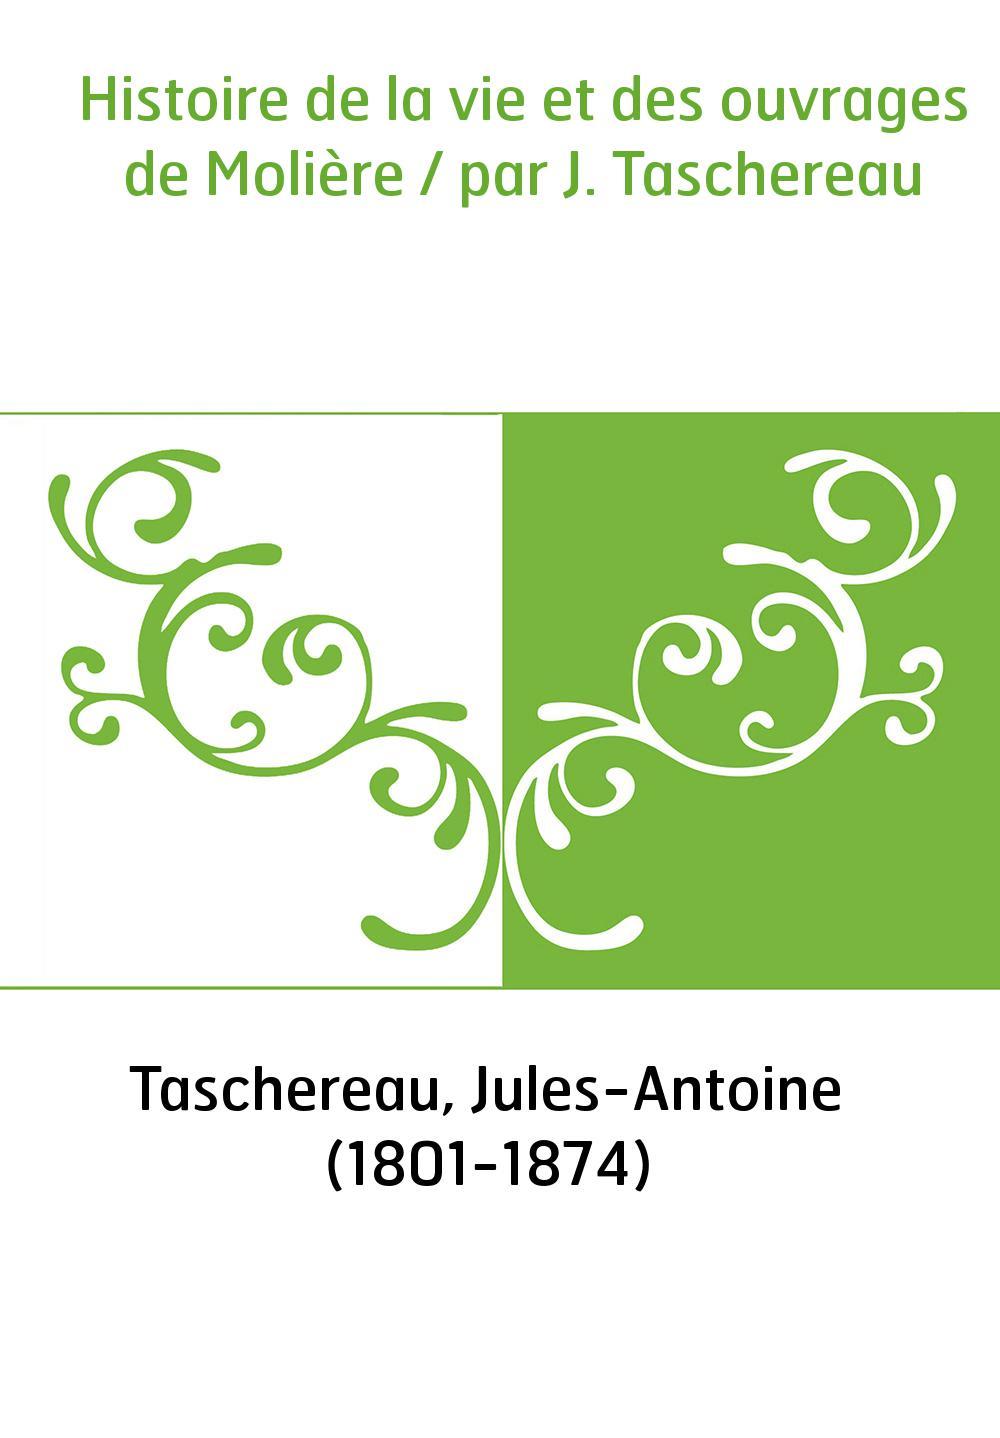 Histoire de la vie et des ouvrages de Molière / par J. Taschereau